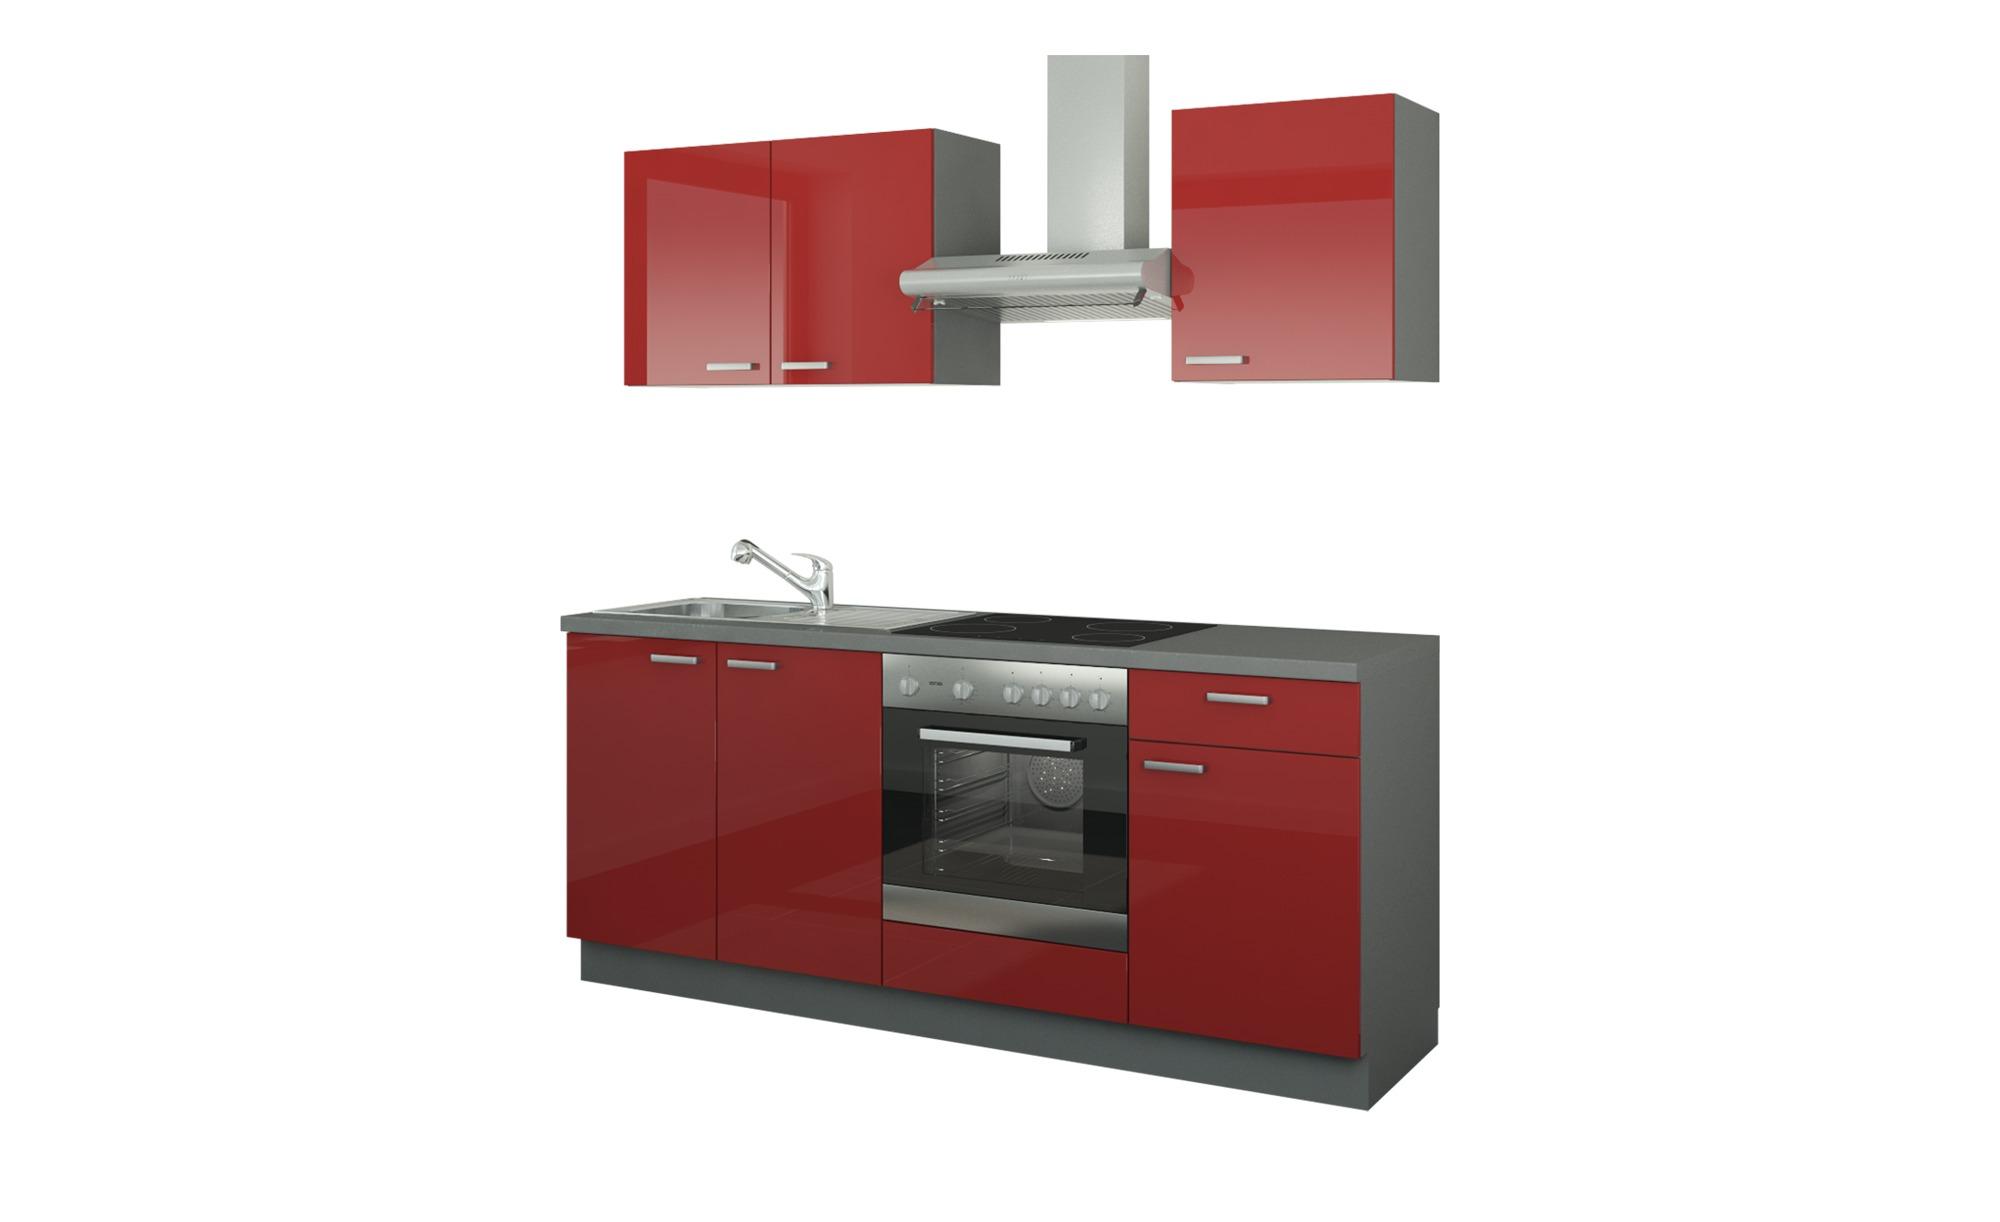 Küchenzeile mit Elektrogeräten  Binz ¦ rot ¦ Maße (cm): B: 200 Küchen > Küchenblöcke - Höffner | Küche und Esszimmer > Küchen | Möbel Höffner DE